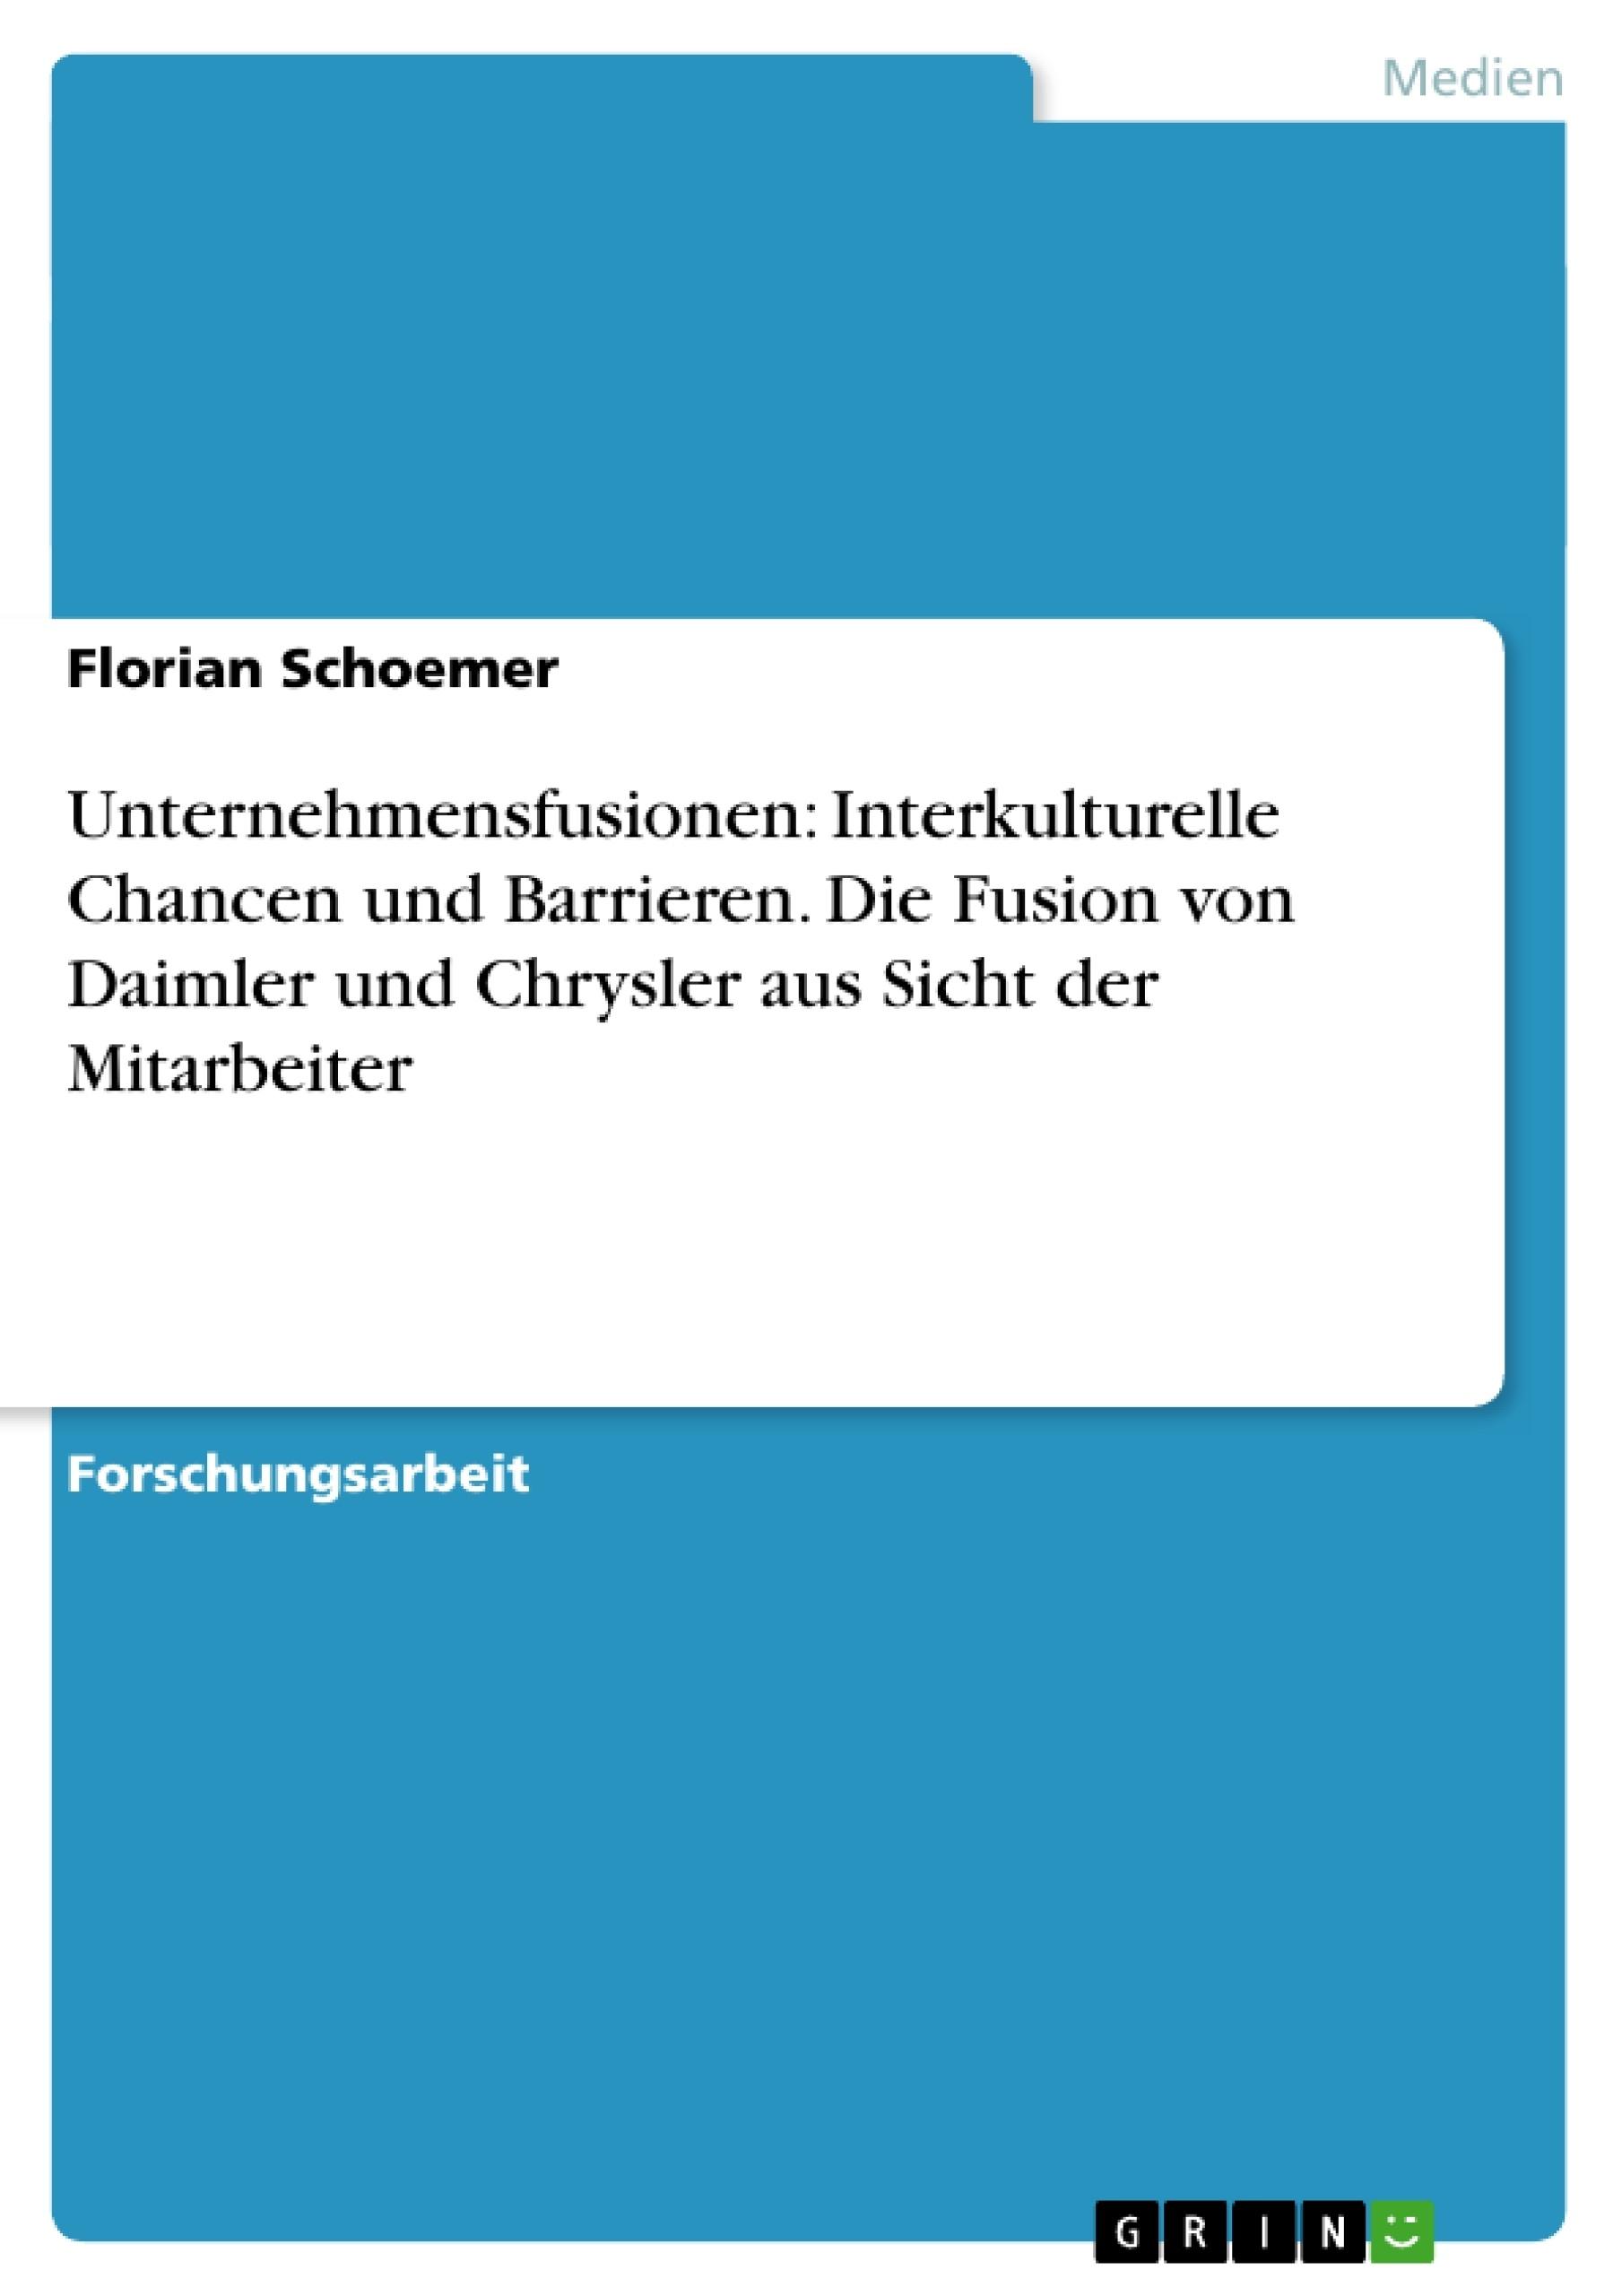 Titel: Unternehmensfusionen: Interkulturelle Chancen und Barrieren. Die Fusion von Daimler und Chrysler aus Sicht der Mitarbeiter